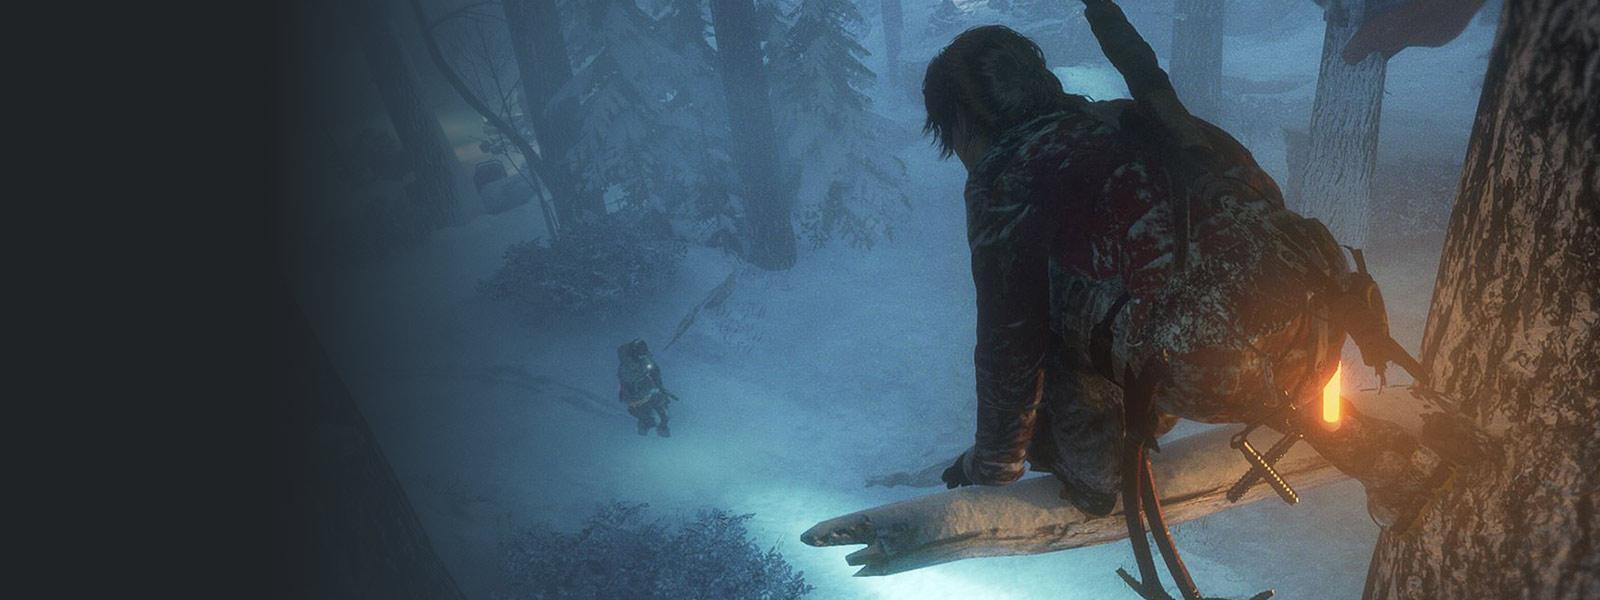 Lara sur une branche d'arbre enneigée se préparant à sauter sur un ennemi plus bas